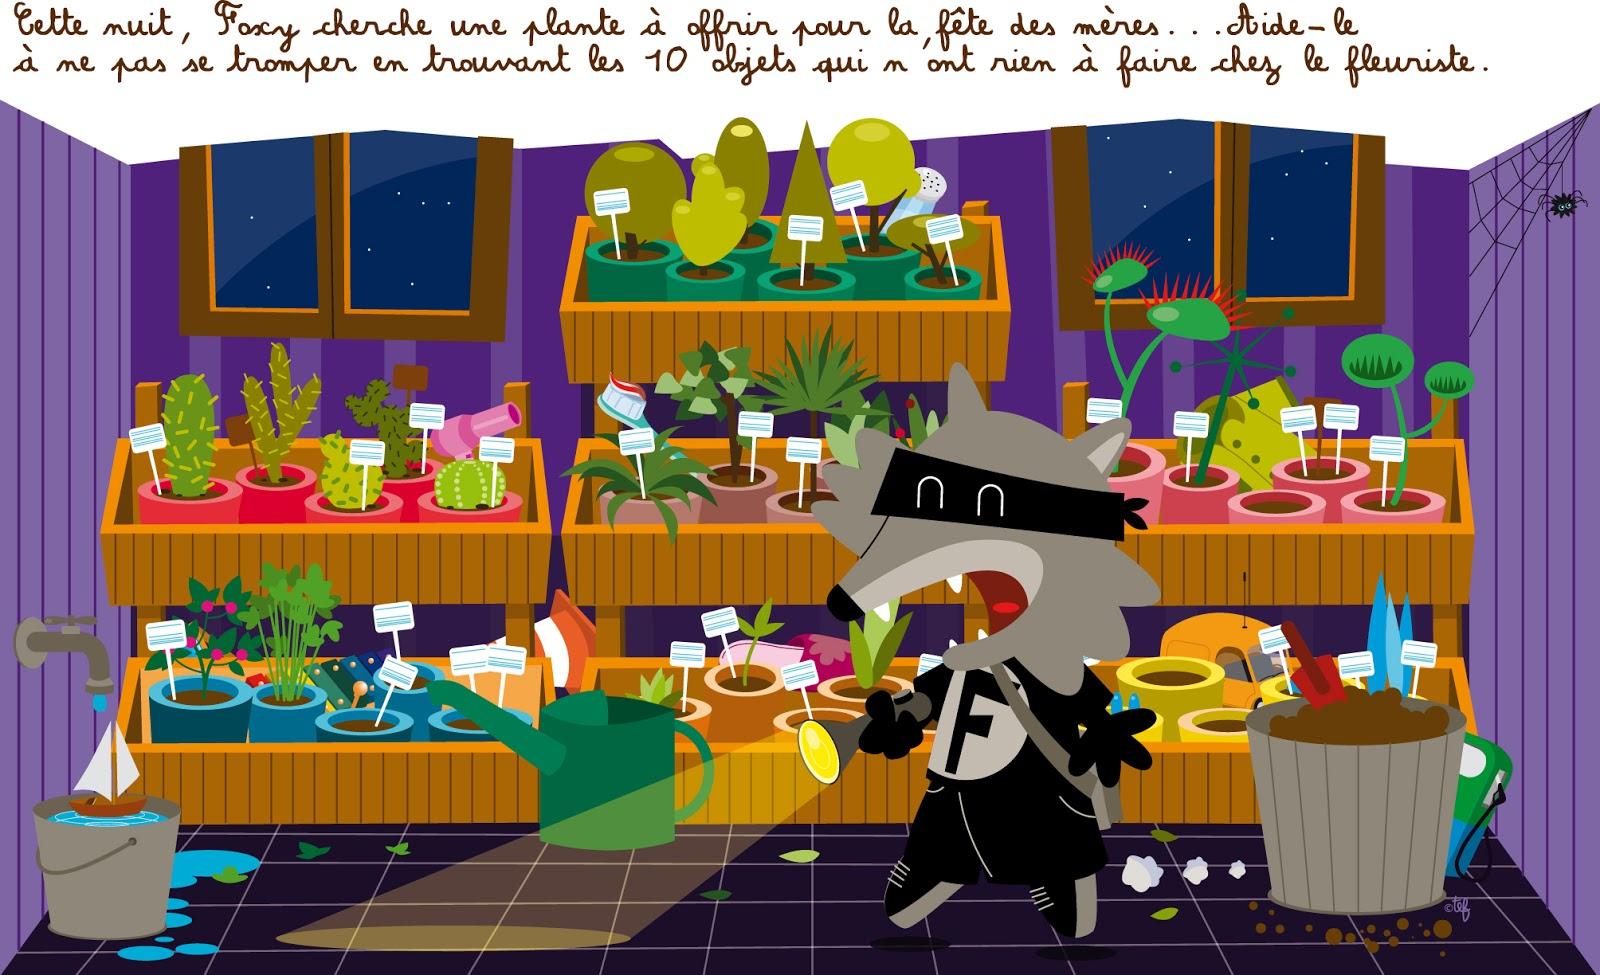 Tef Graphiste Illustrateur Enfant / 0609474204 / Tefgraph encequiconcerne Trouver Les 7 Erreurs